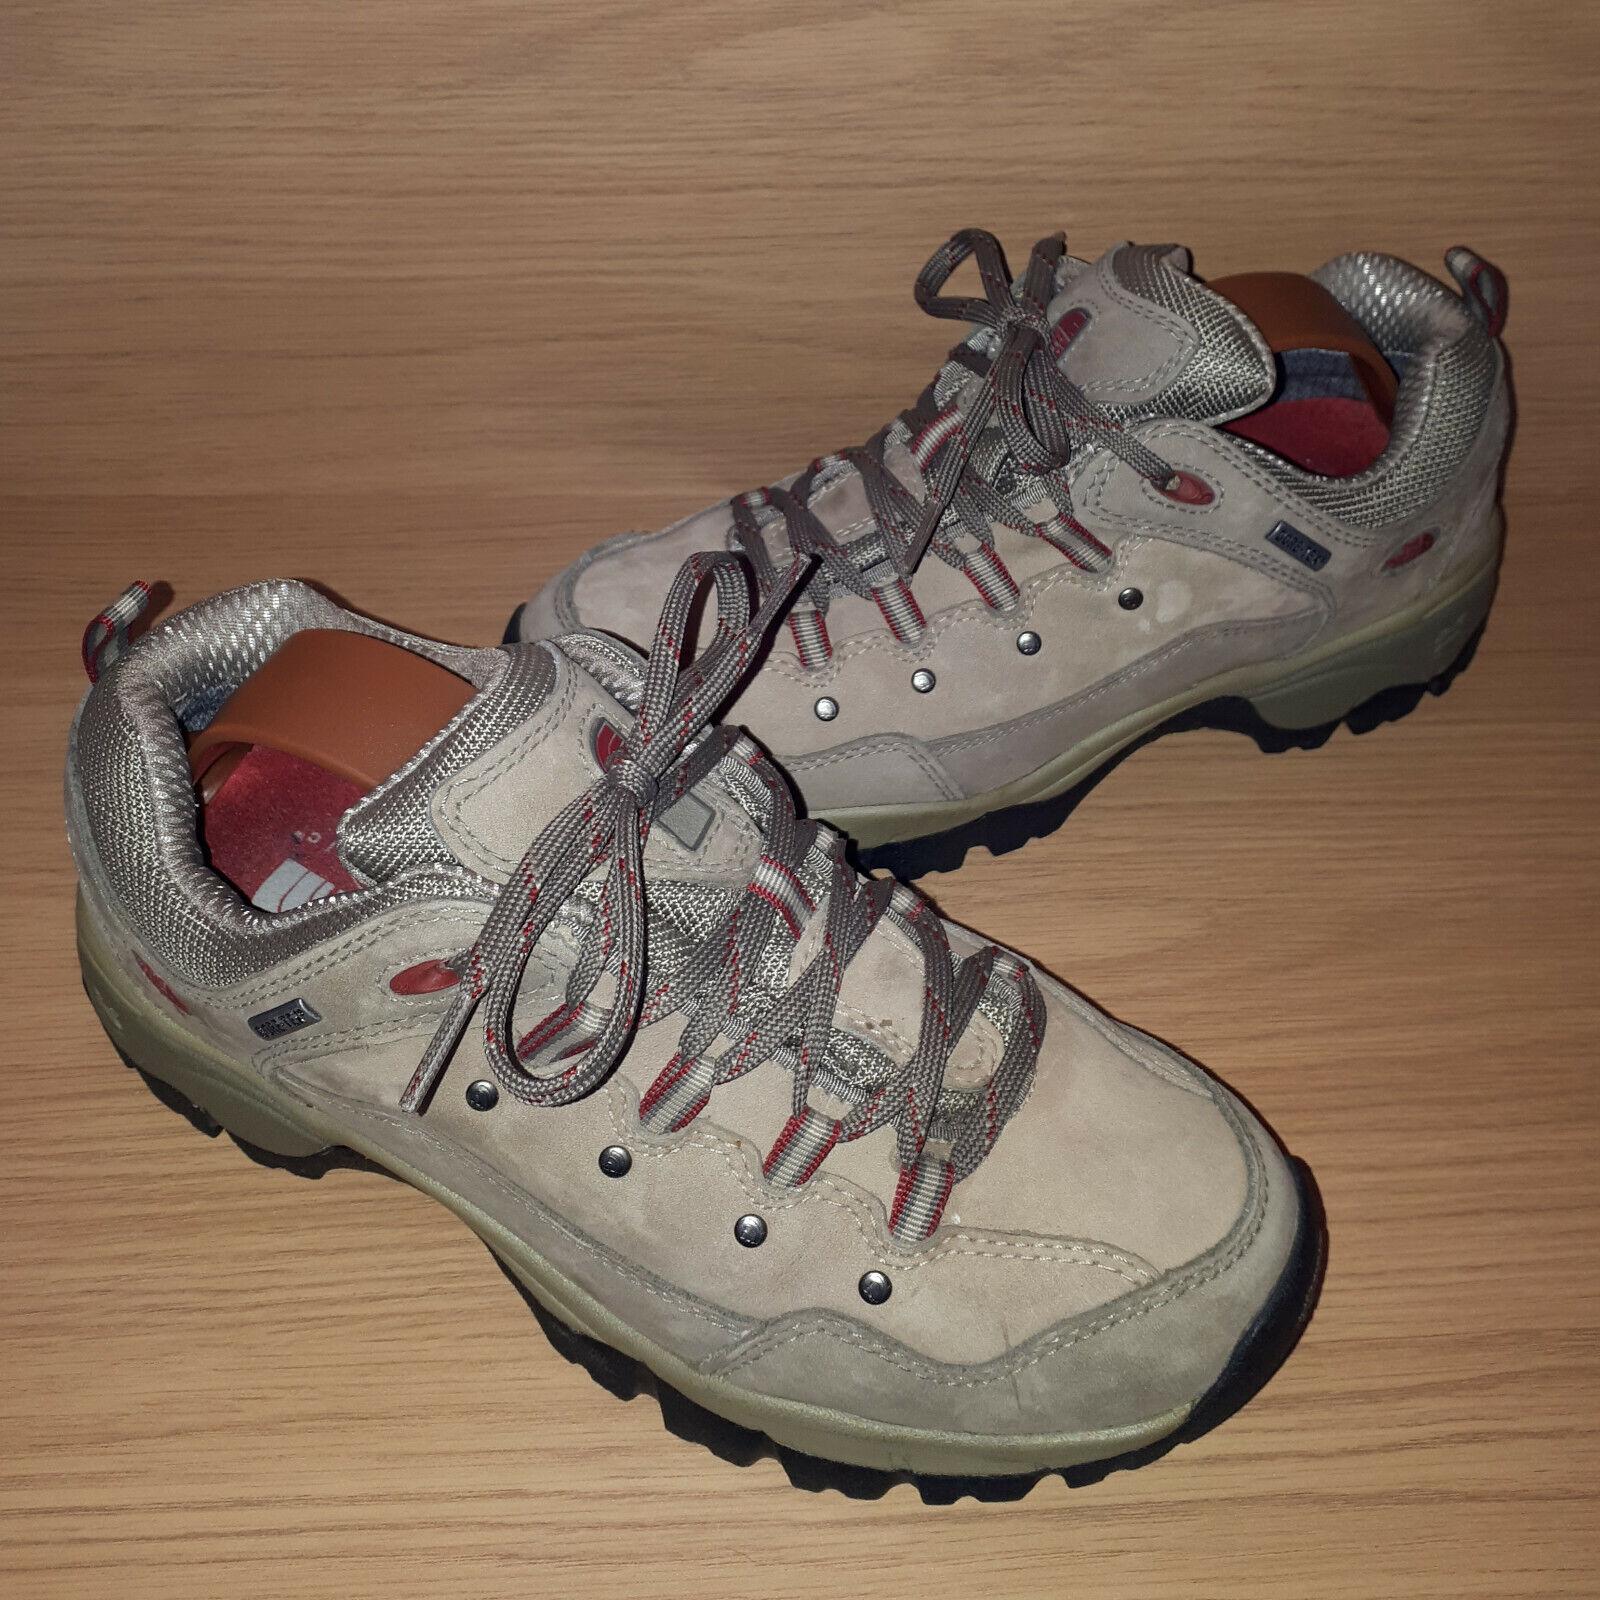 The North Face Goretex Senderismo Zapatos Nubuck Gamuza señoras nos 8.5 tan